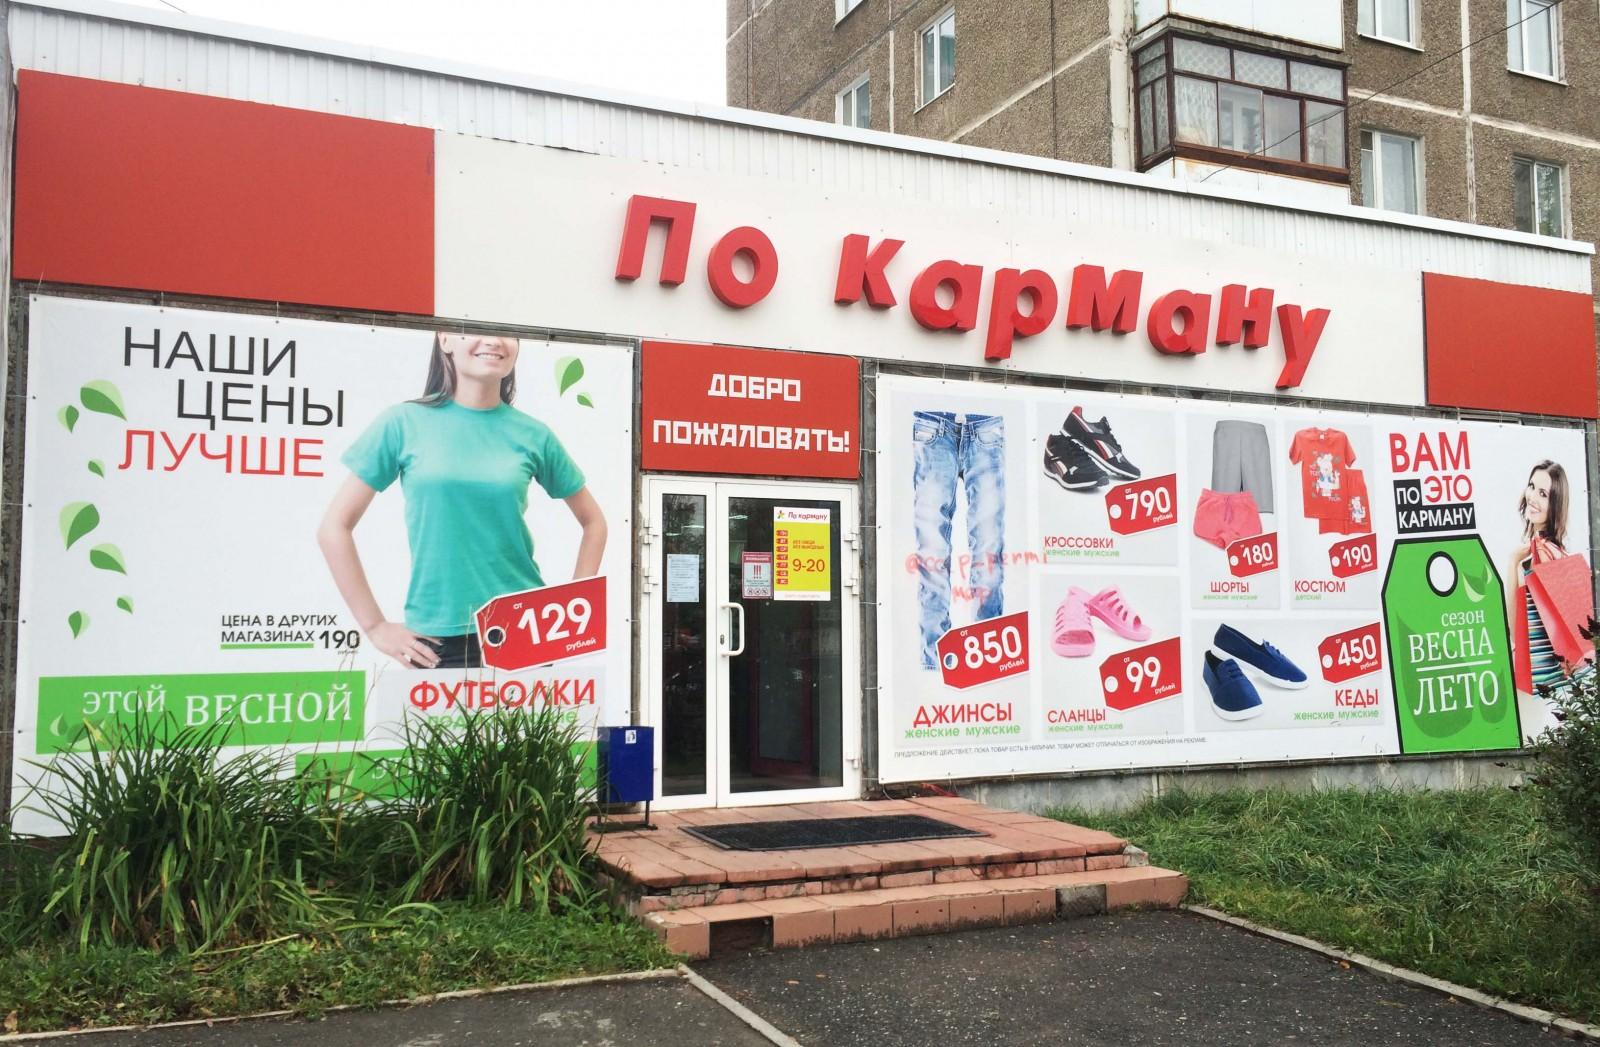 Инет Магазин Одежды Дешево